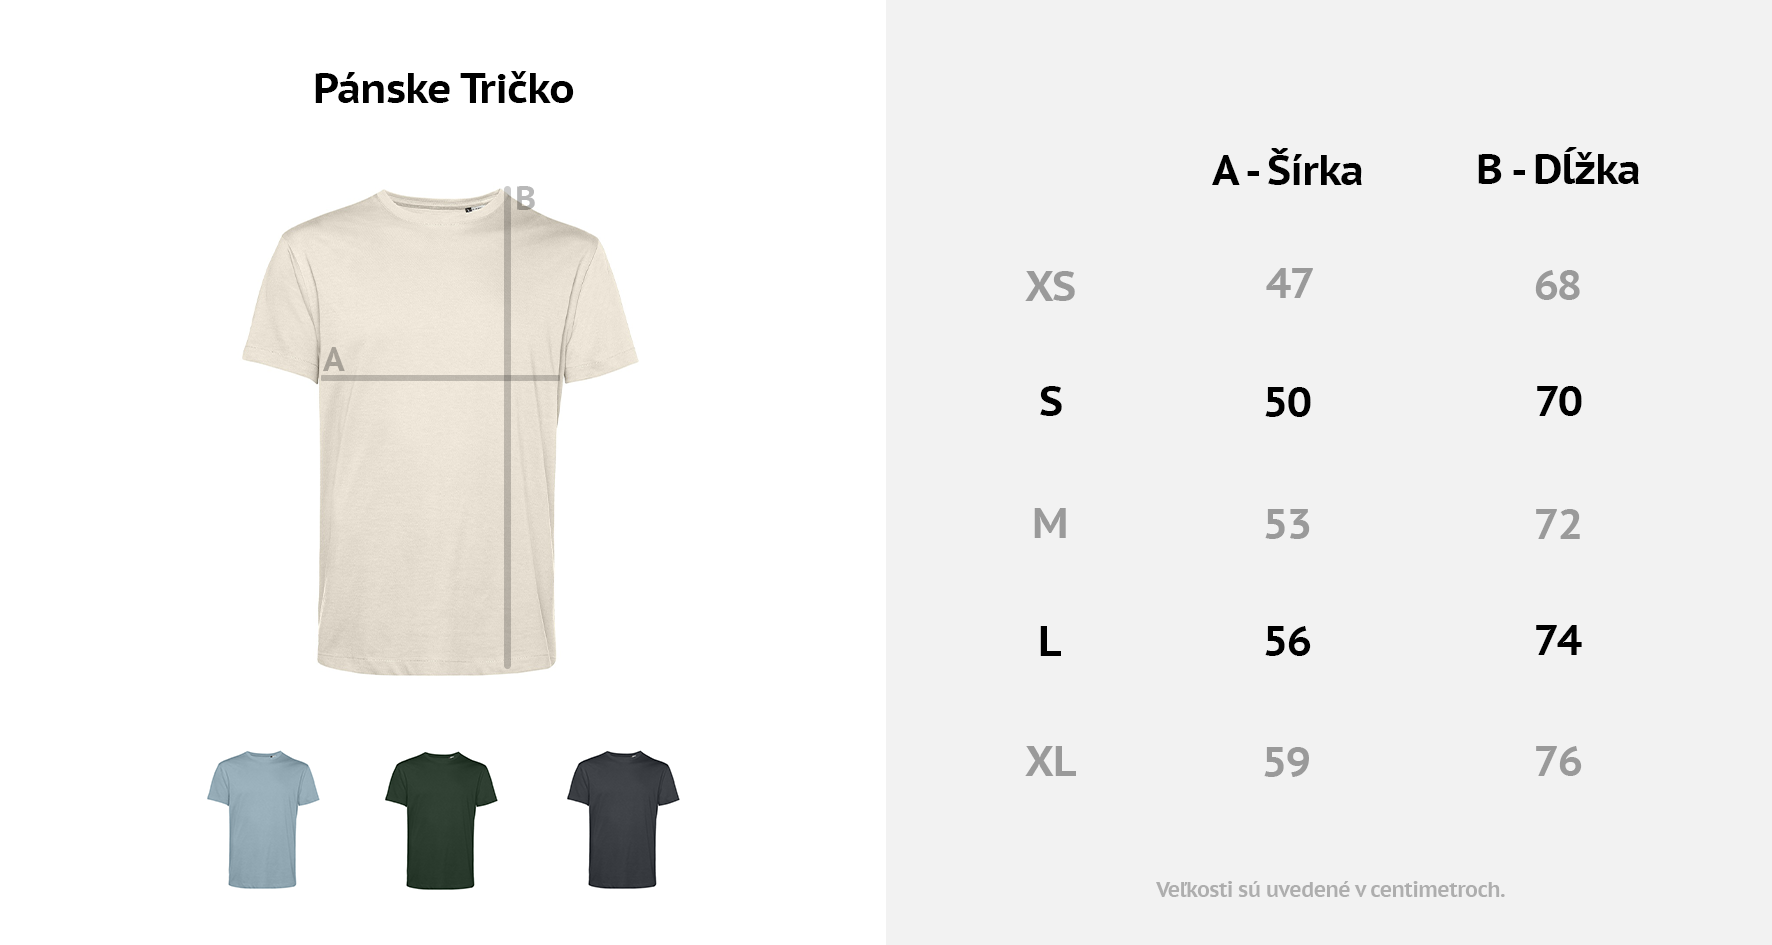 panske-tricko-tab.png